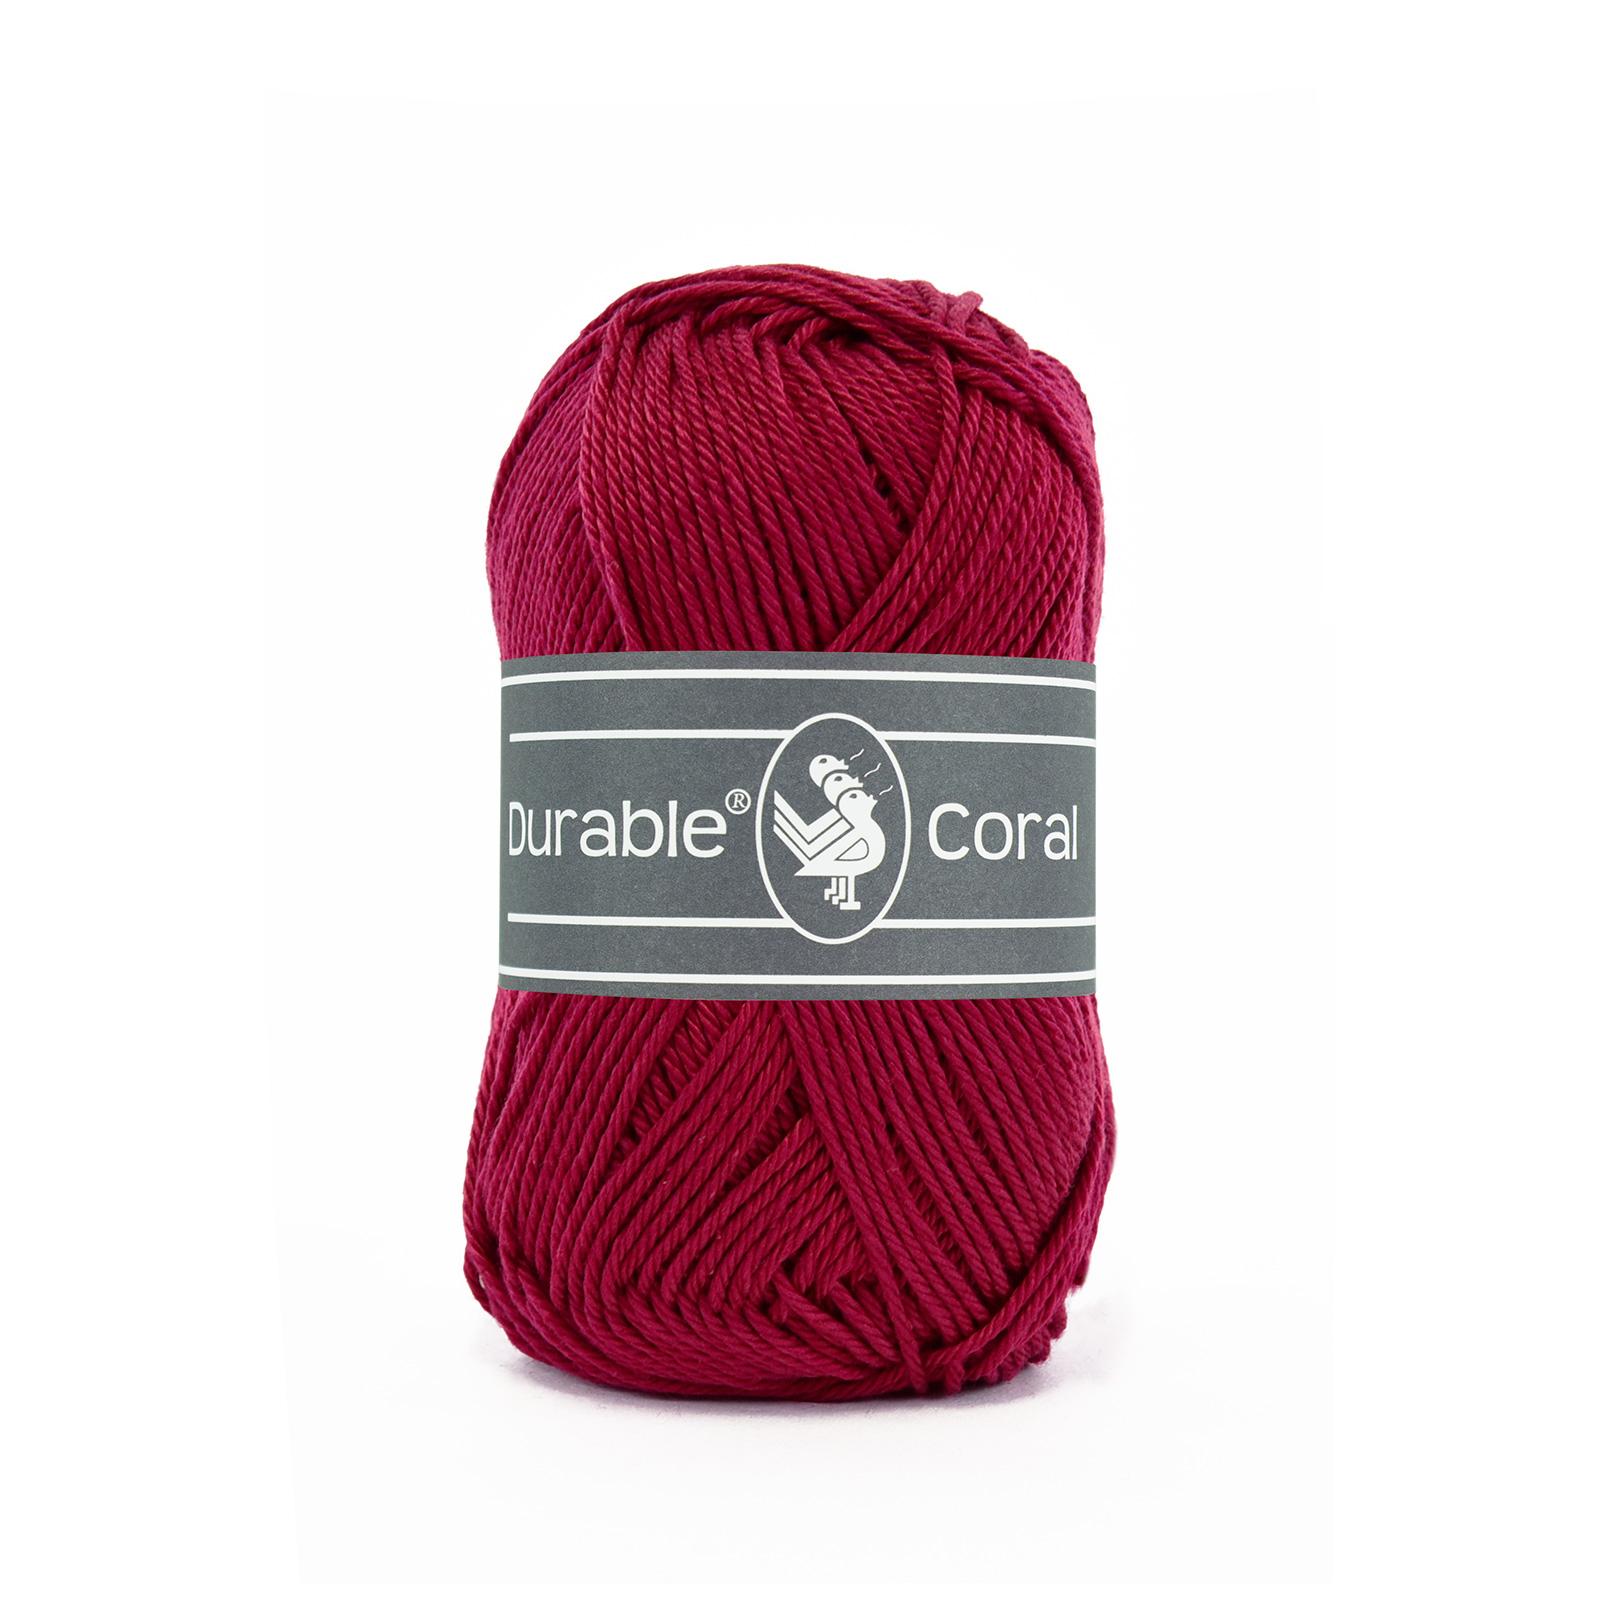 Durable Coral Bordeaux-222